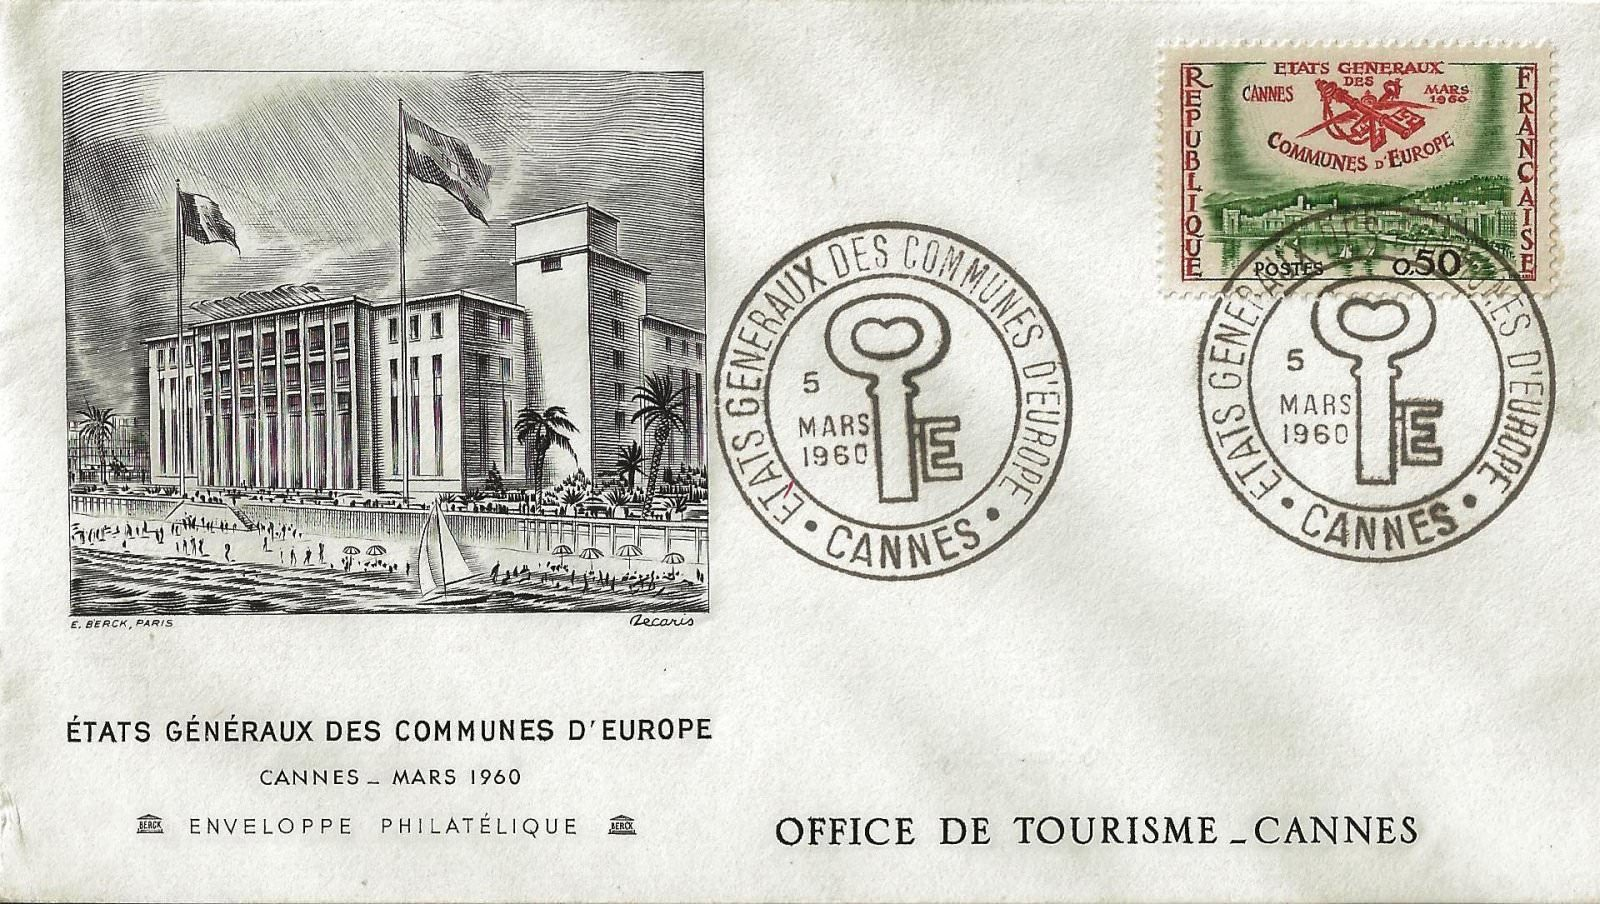 1960 etats generaux des communes